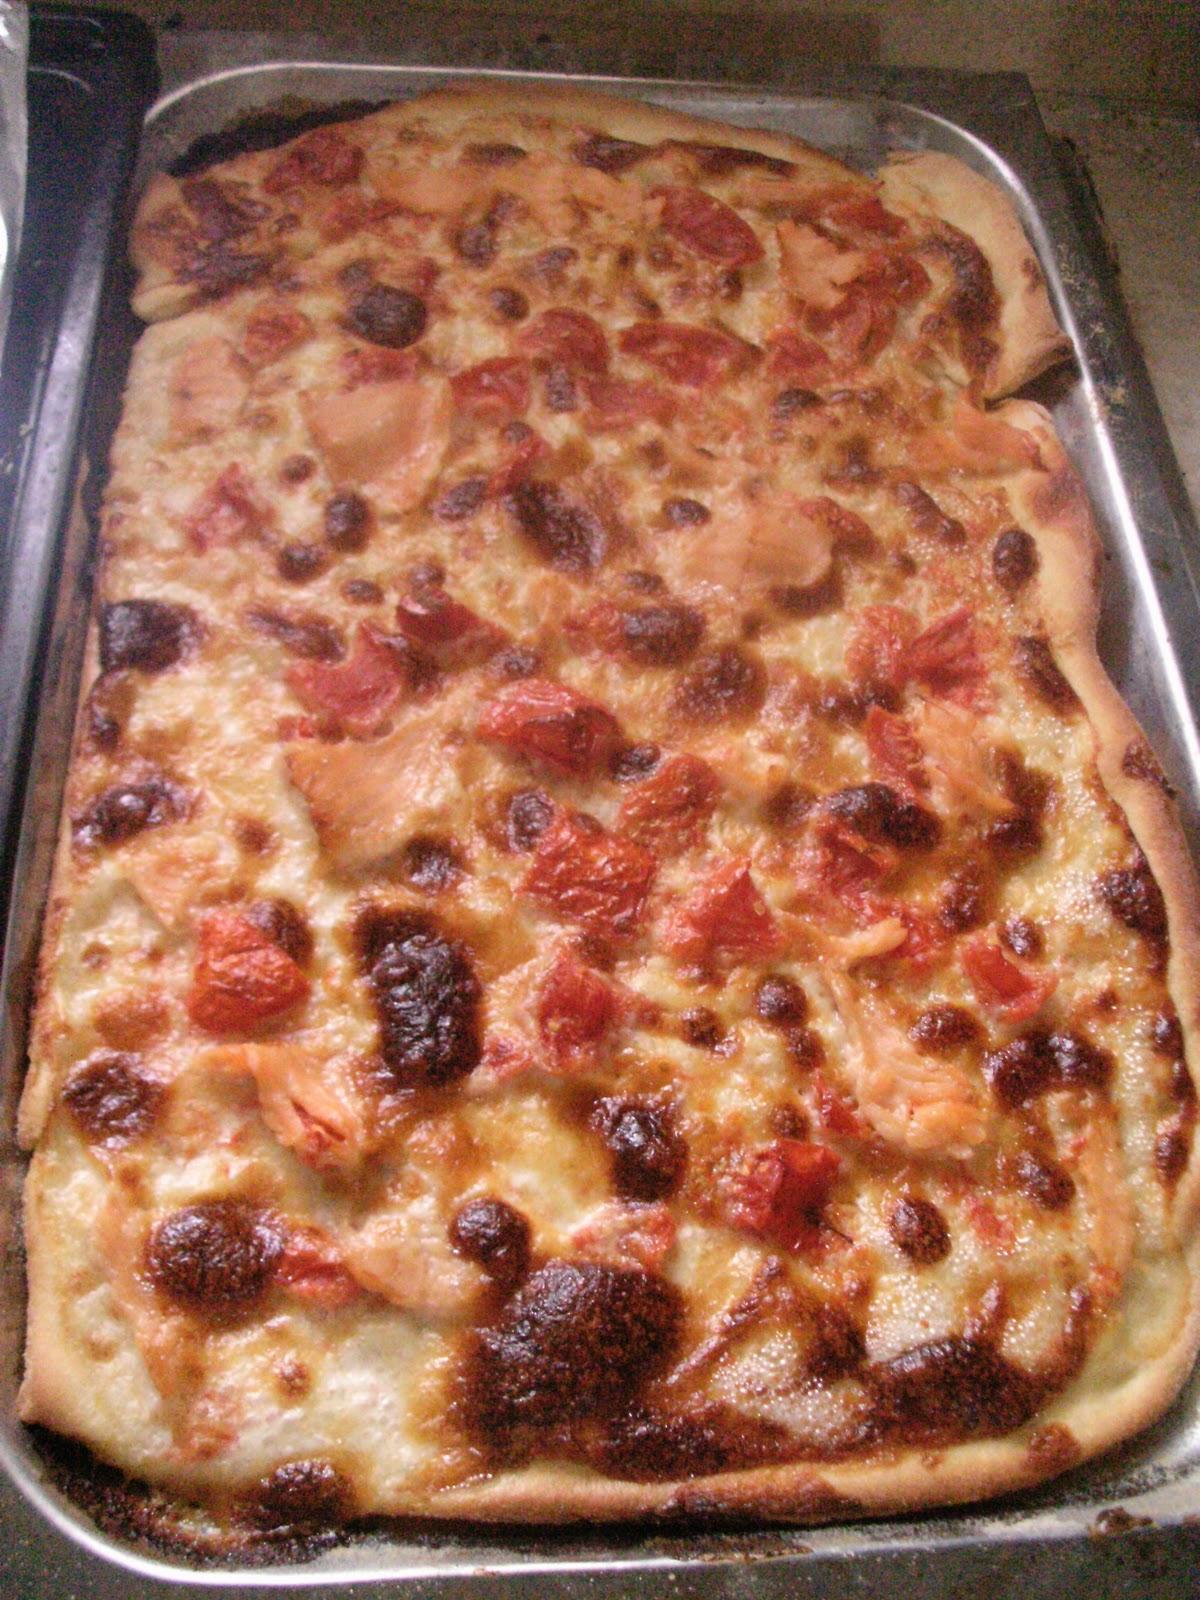 Cosa cucino oggi pizza stracchino e salmone - Cosa cucino oggi a cena ...